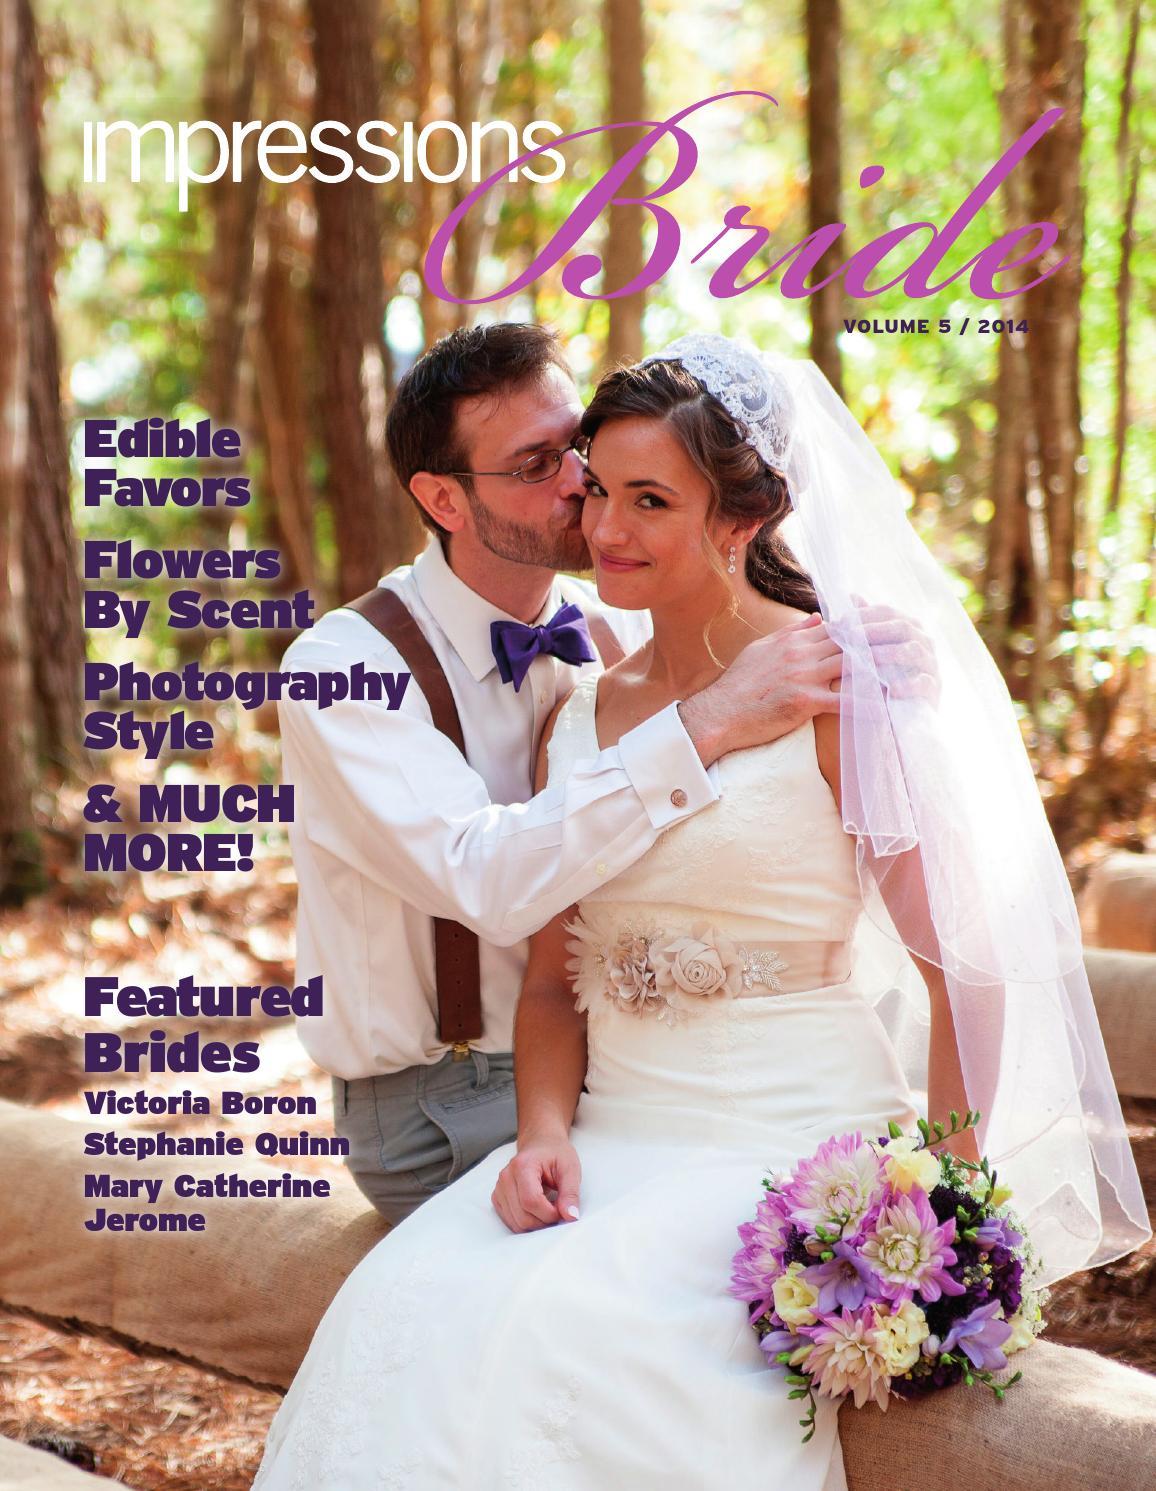 impressions bride volume 5 2014 by key marketing media llc impressions bride volume 5 2014 by key marketing media llc issuu